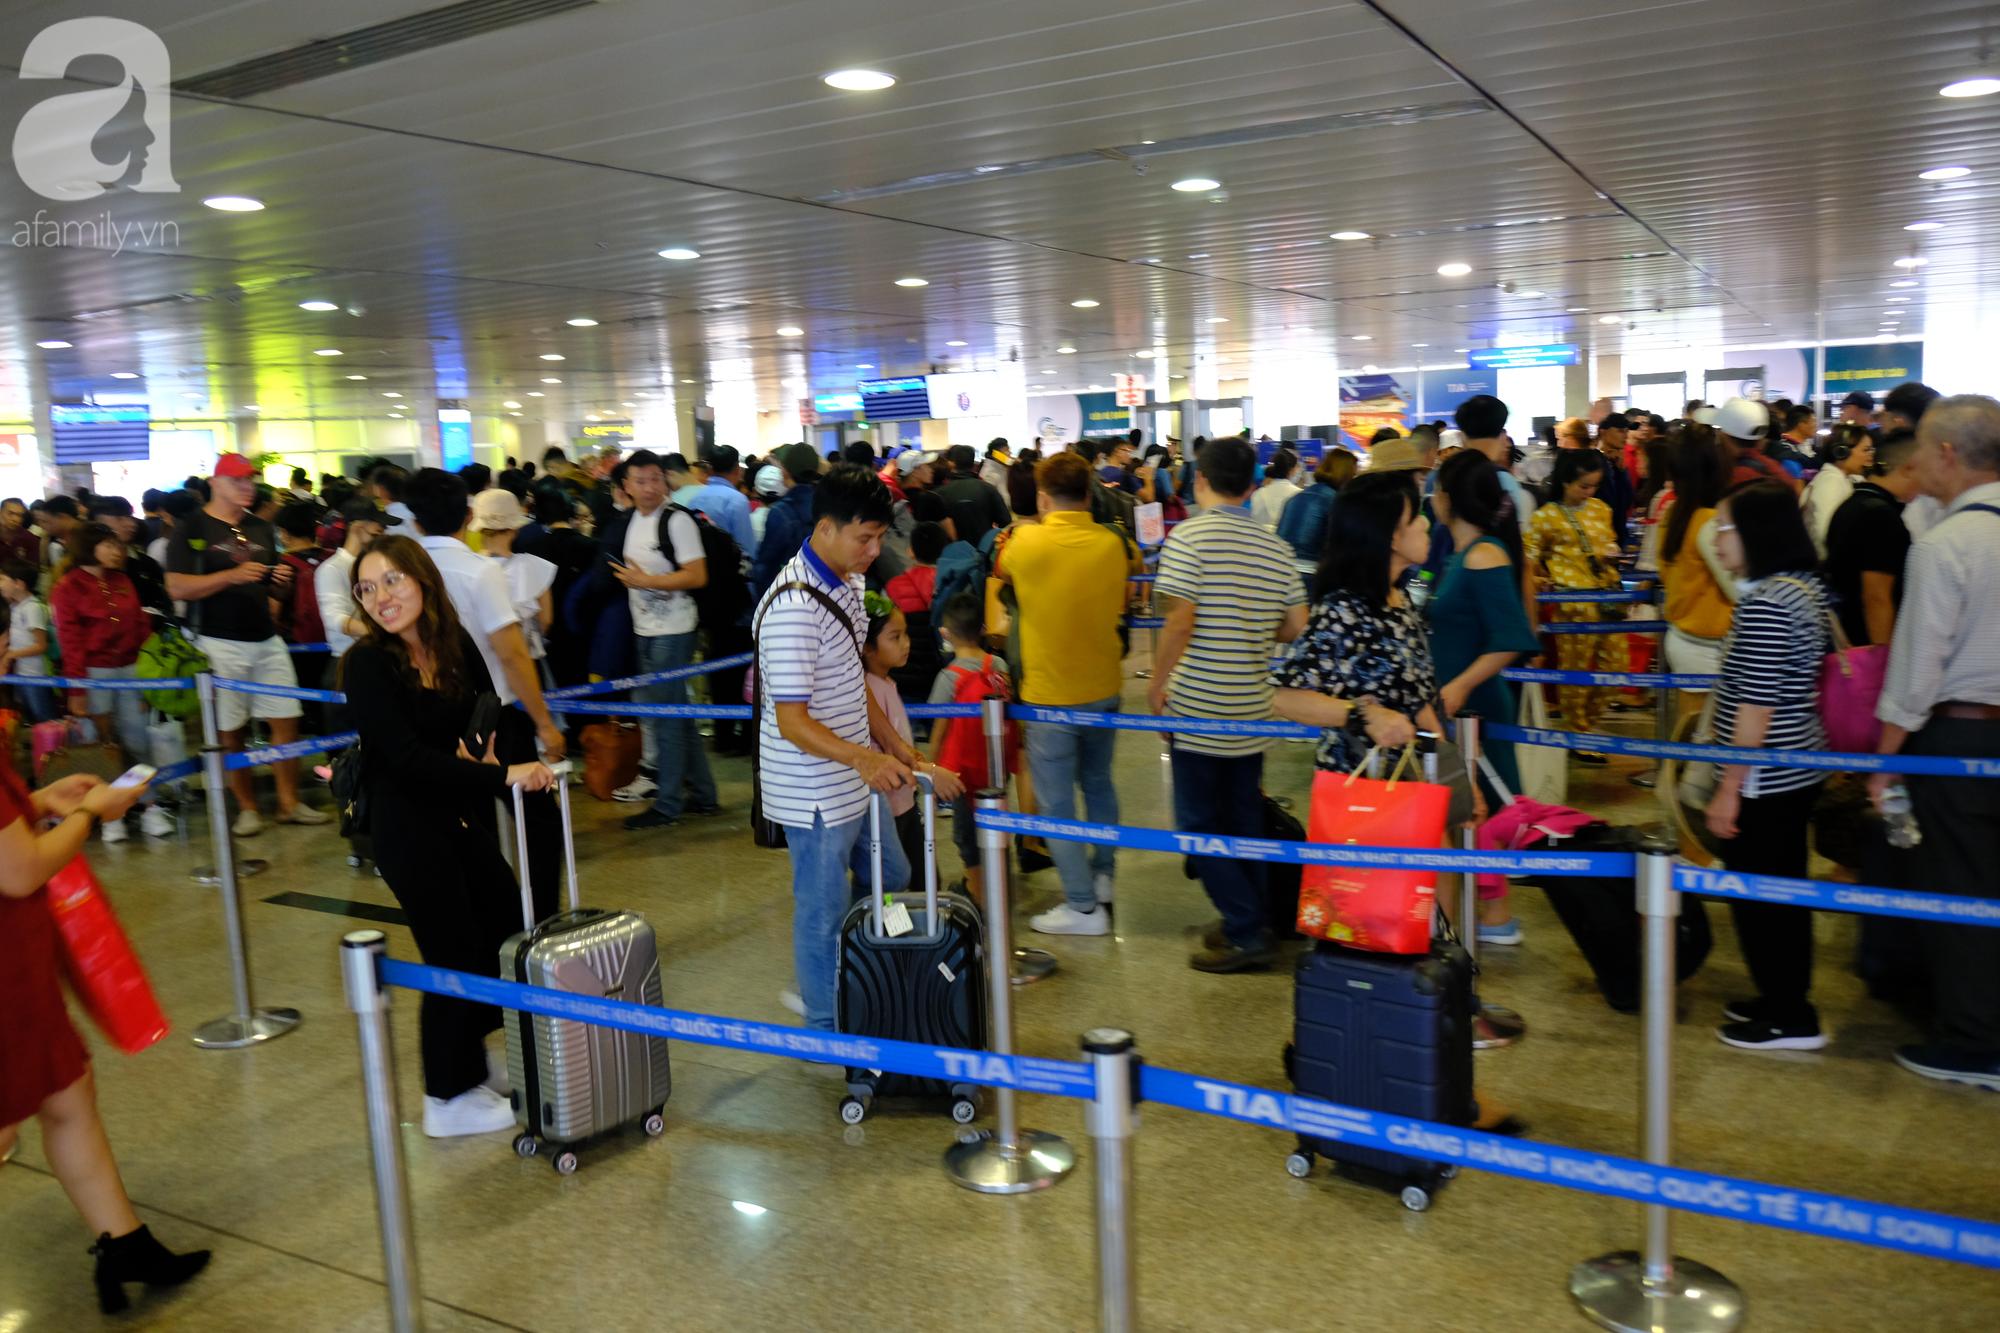 2 hành khách trên du thuyền Westerdam có người nhiễm Covid-19 đáp sân bay Tân Sơn Nhất, TP.HCM tiến hành kiểm dịch trong đêm - Ảnh 1.